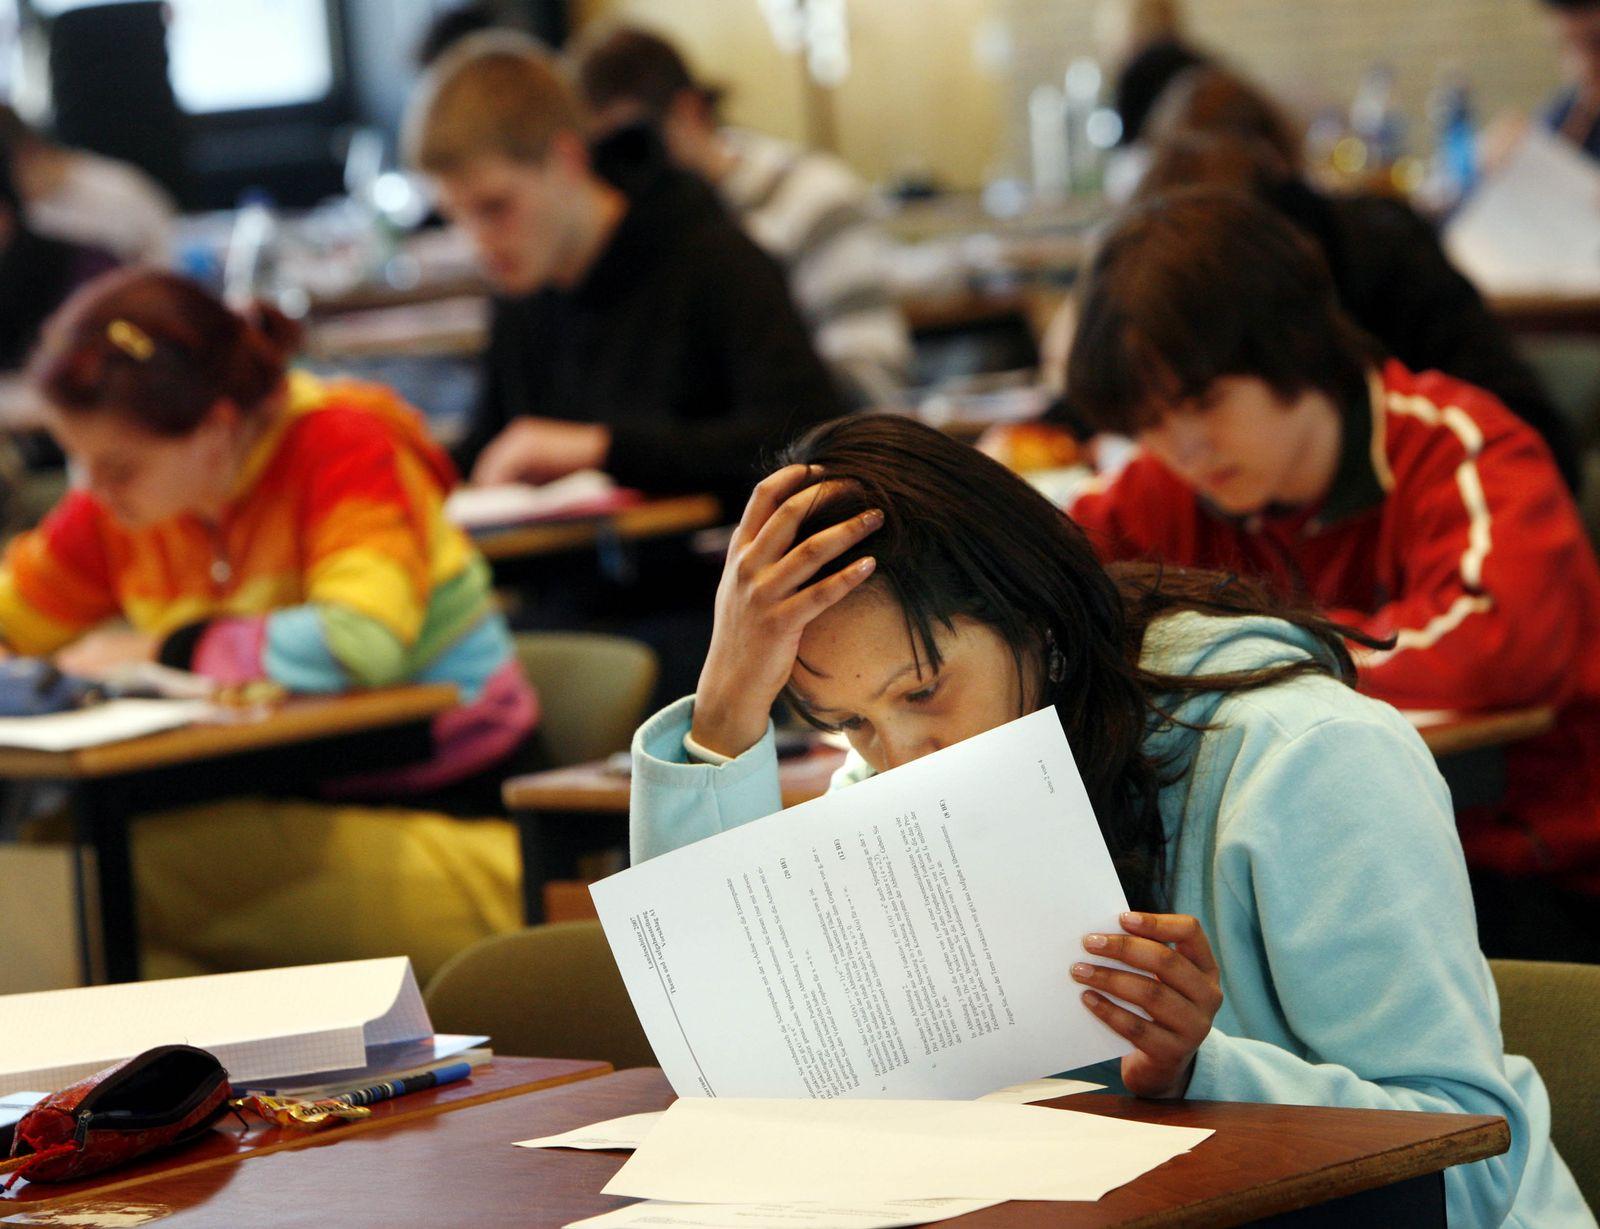 Schüler Prüfung